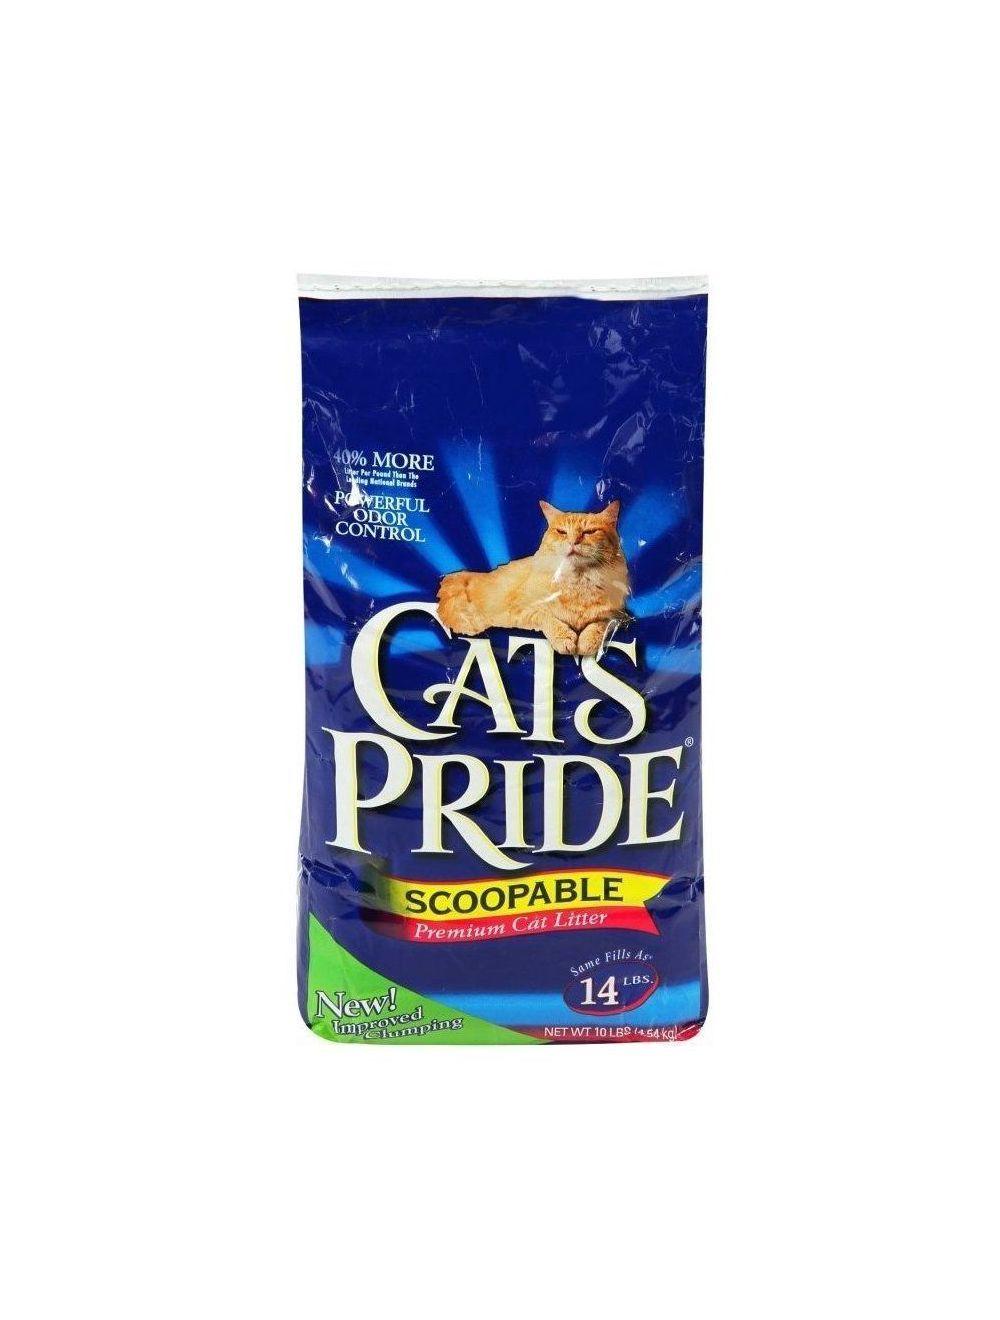 Cats Pride Premium Cat Litter Scoopable